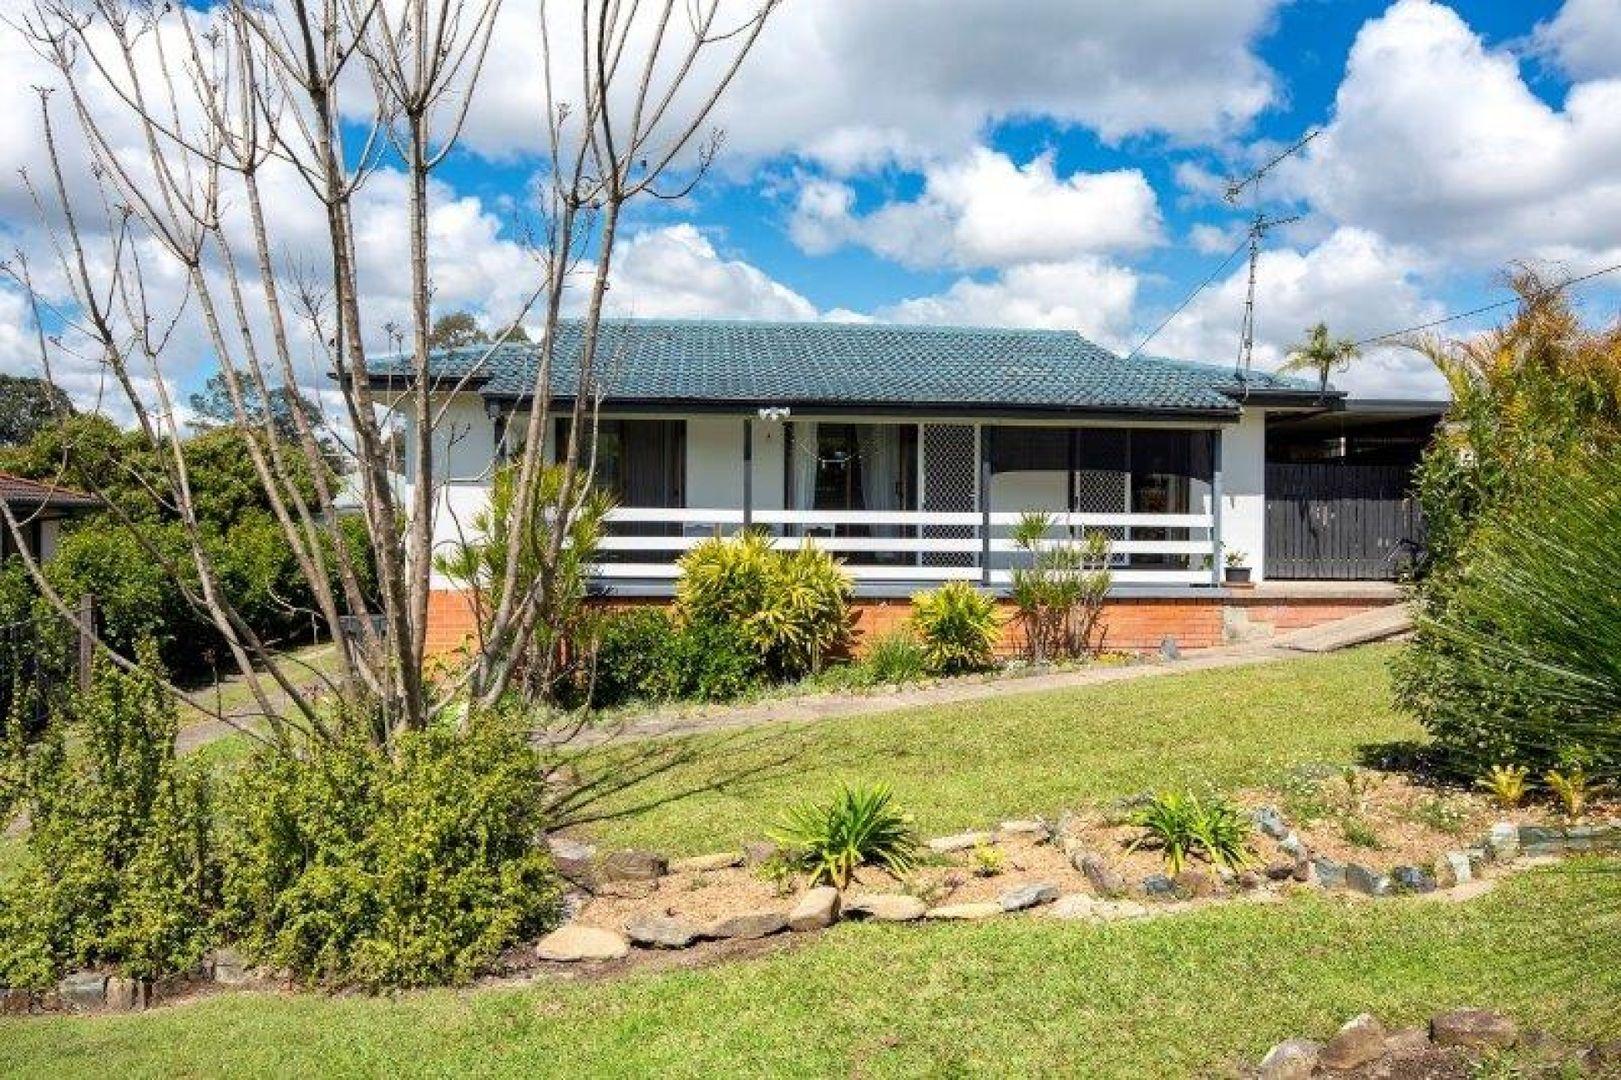 16 Bowra Street, Bowraville NSW 2449, Image 0